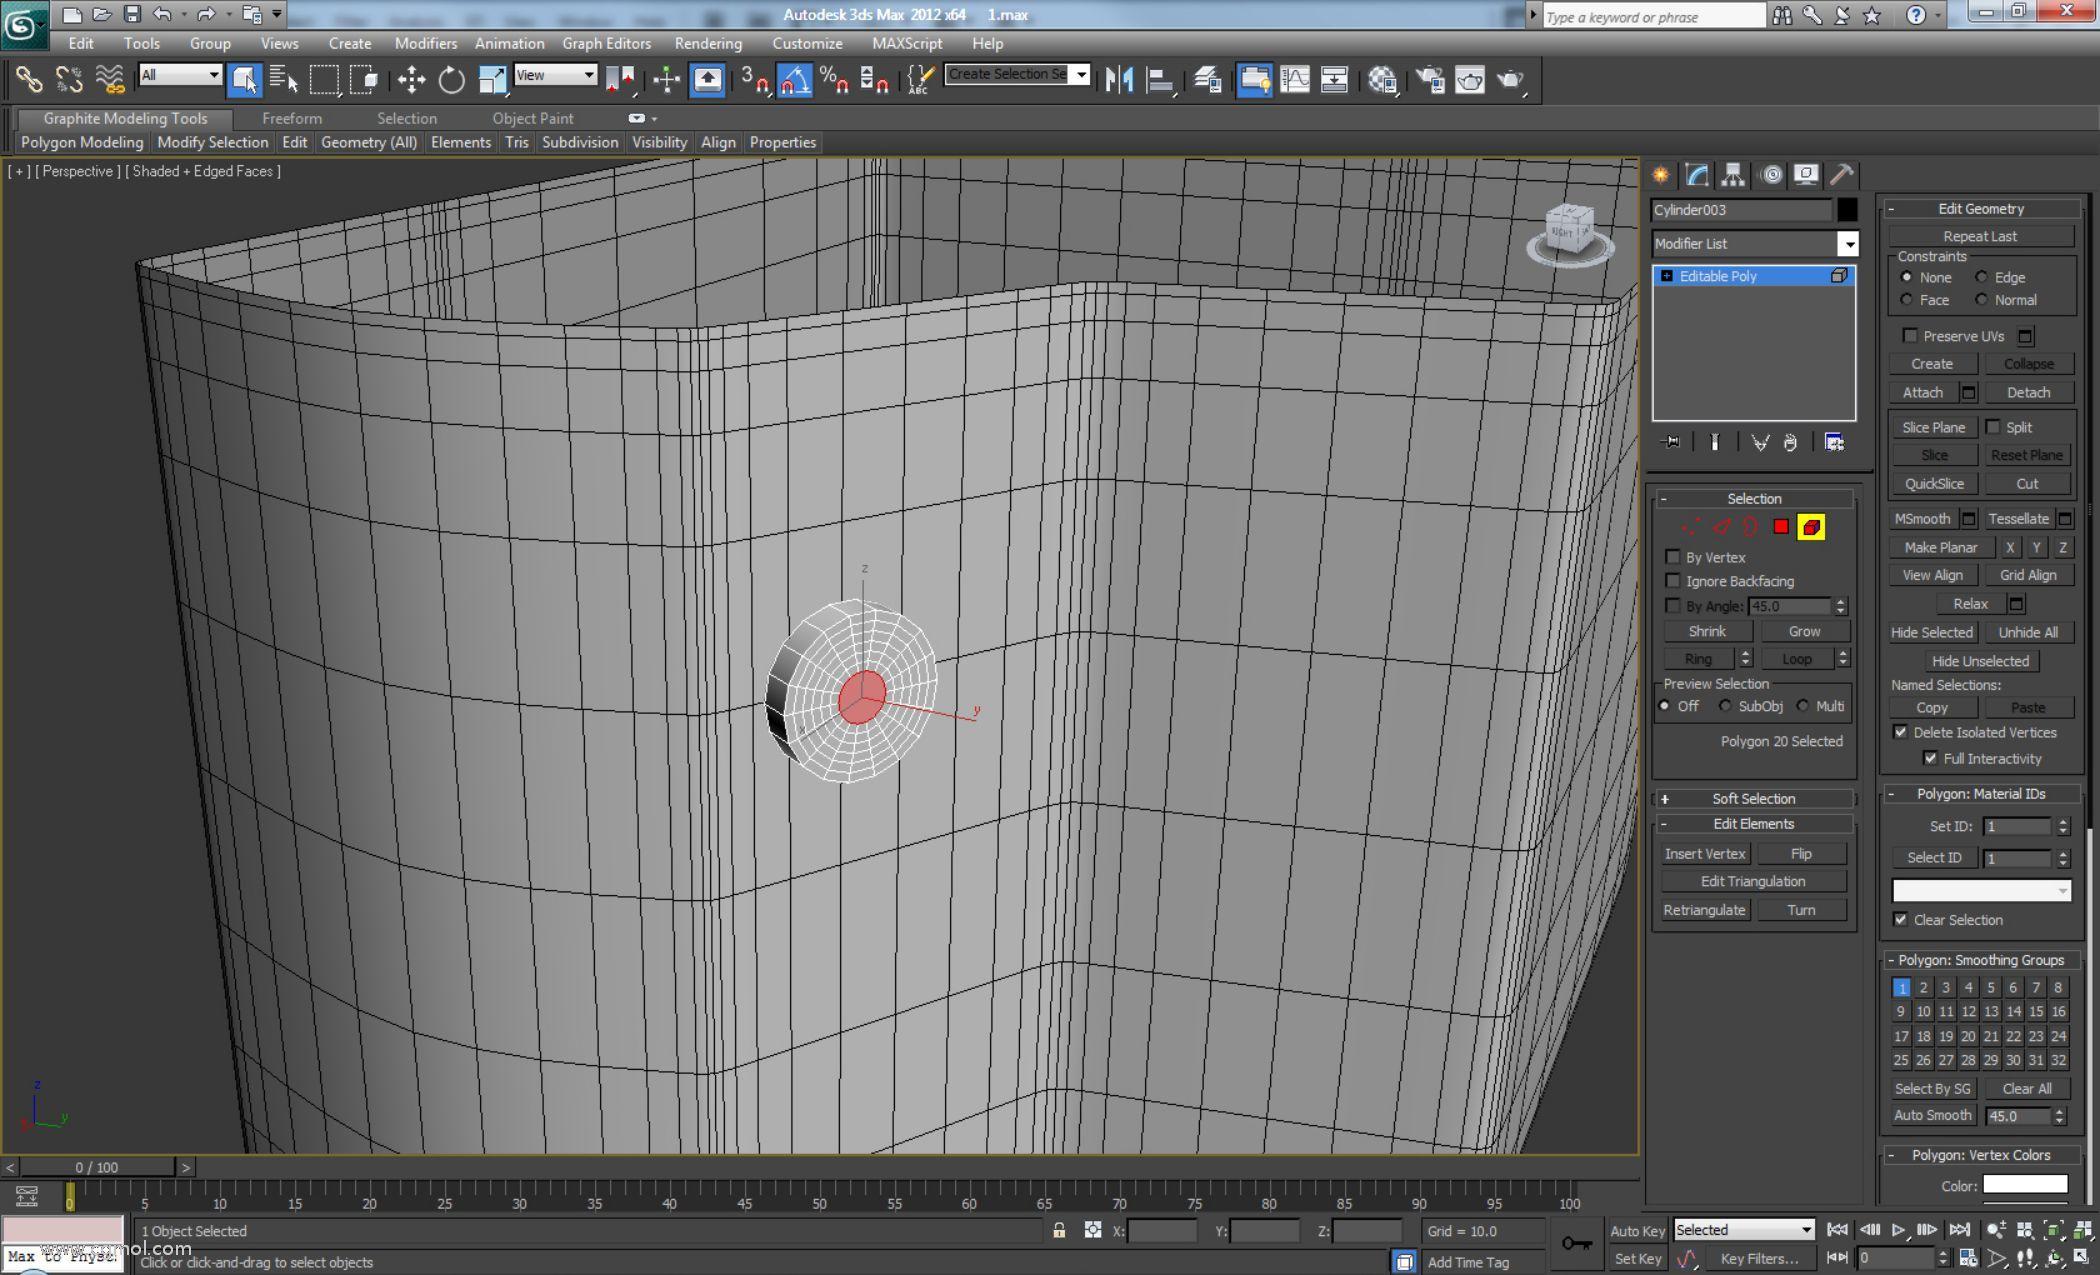 """创建另一个新的圆柱体并单击""""自动网格""""选项,以便在与其下方曲面相同的平面上创建圆柱体。将其转换为可编辑多边形并使用相同值将其插入六次"""